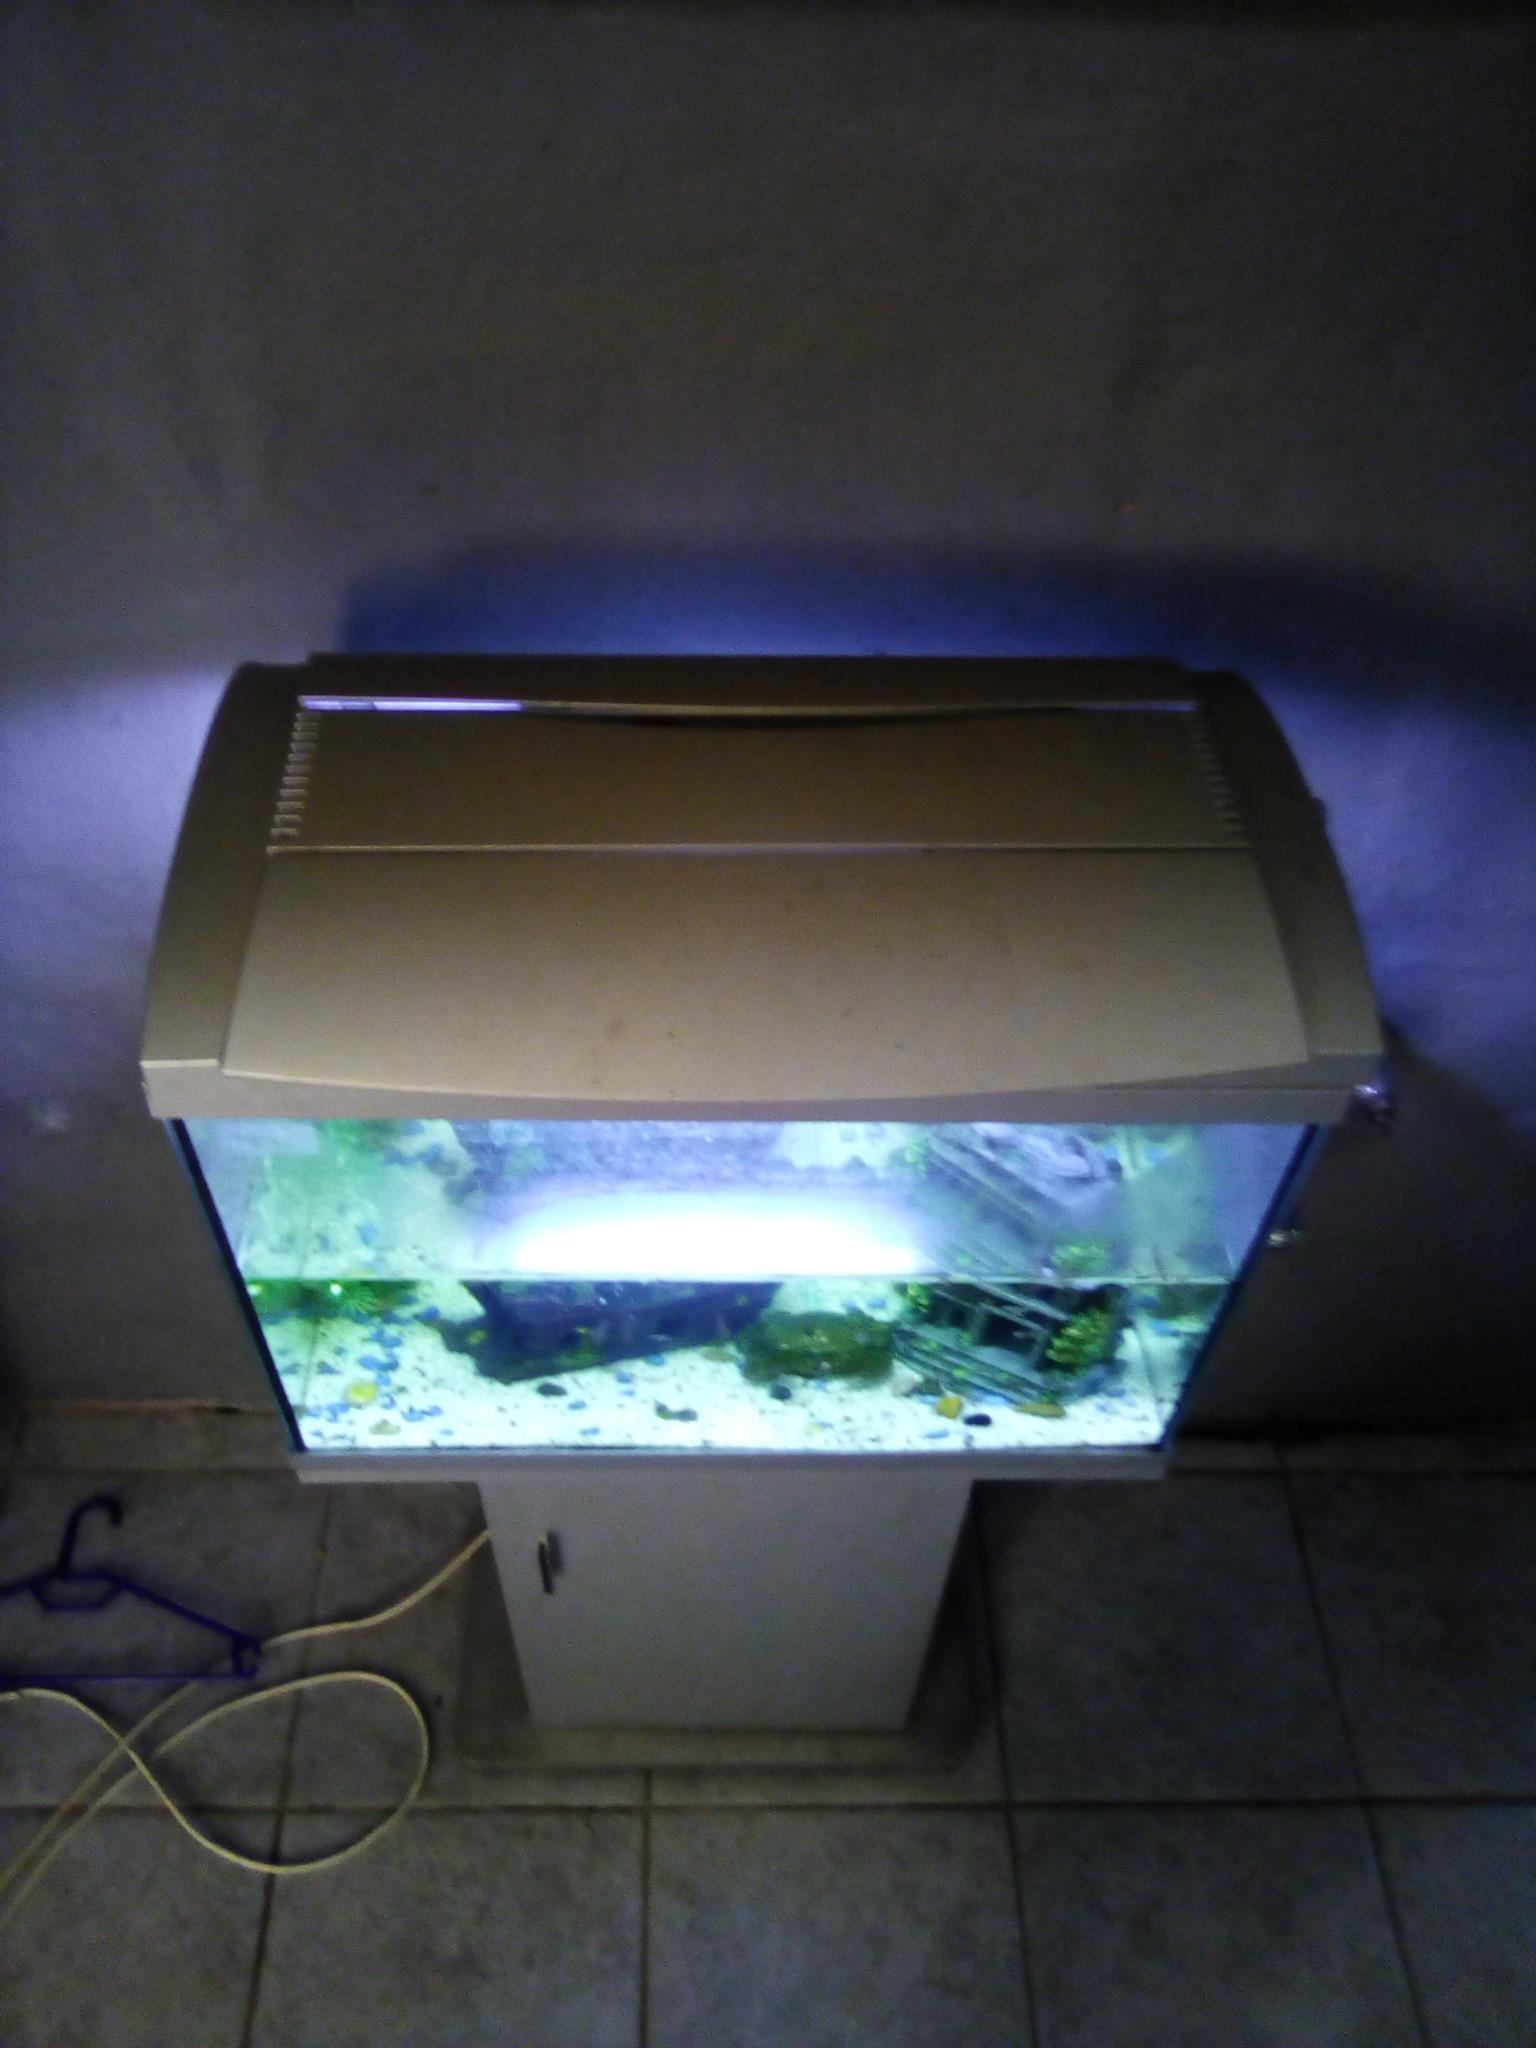 Fishtank with fish